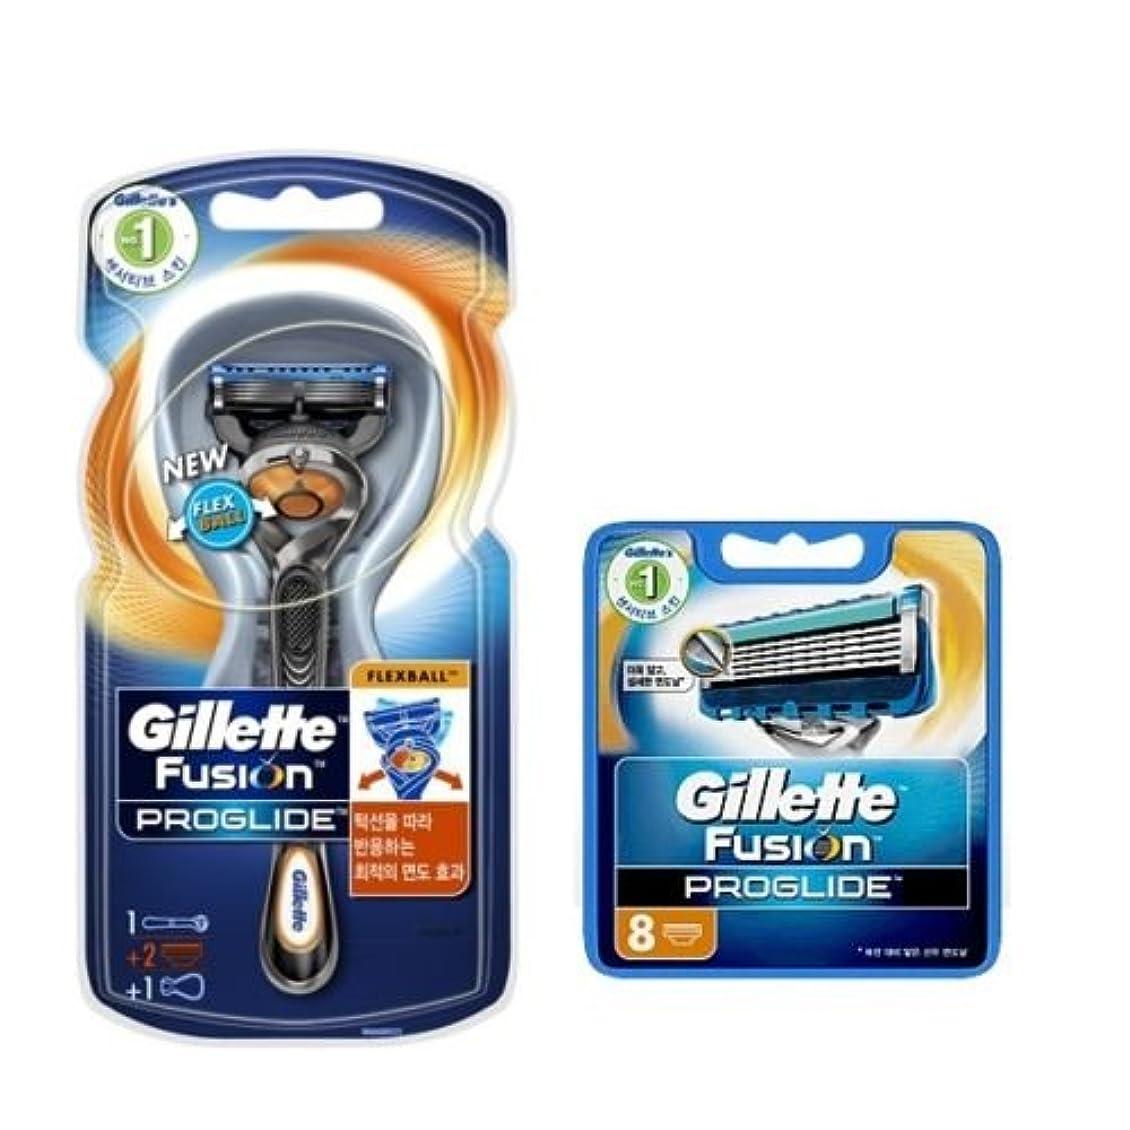 曲方向湿ったGillette Fusion Proglide Flexball Manual メンズ1剃刀10剃刀刃 [並行輸入品]